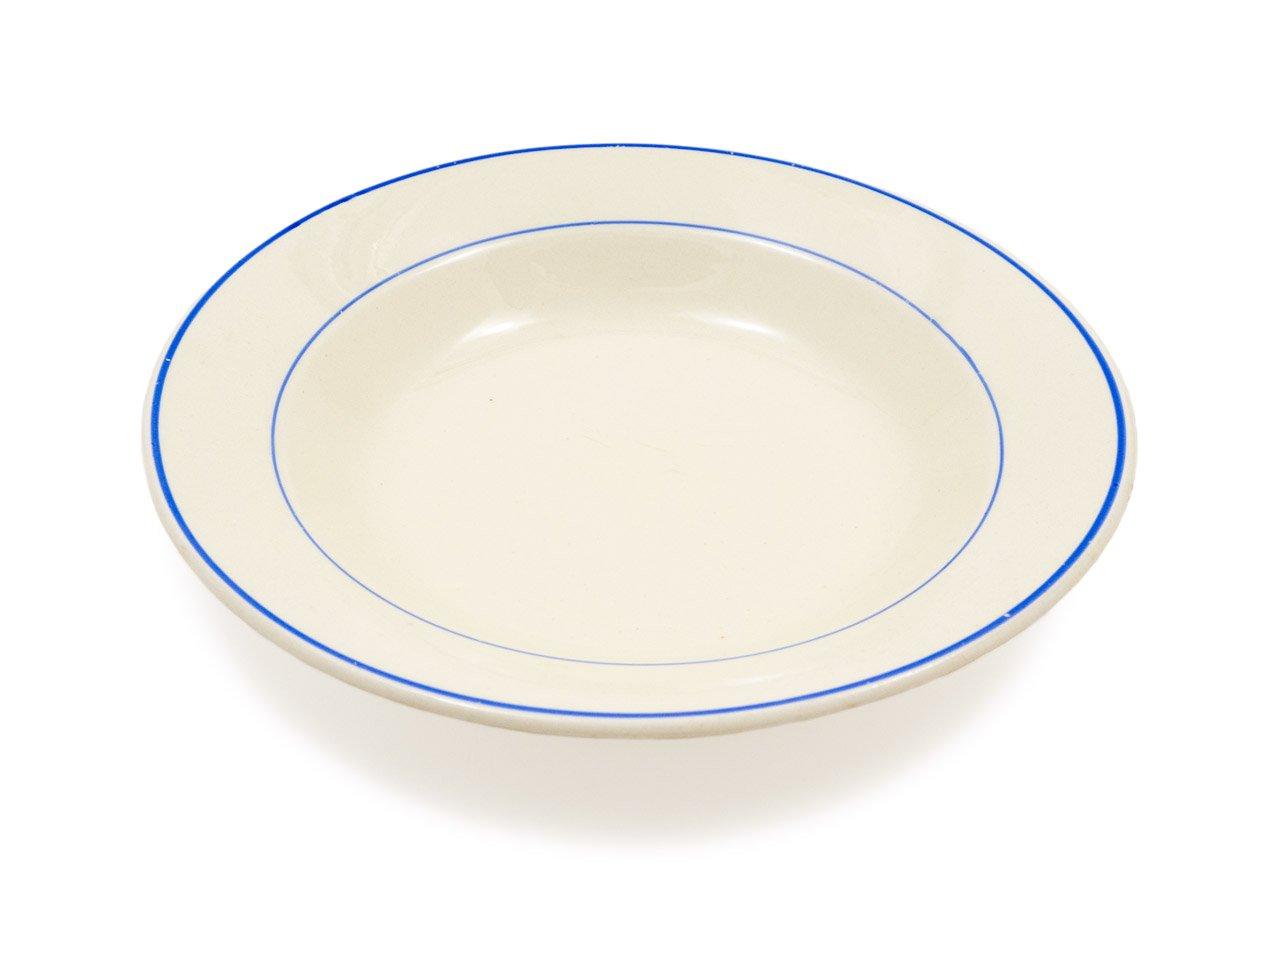 ARABIA ブルーライン スープ皿 05